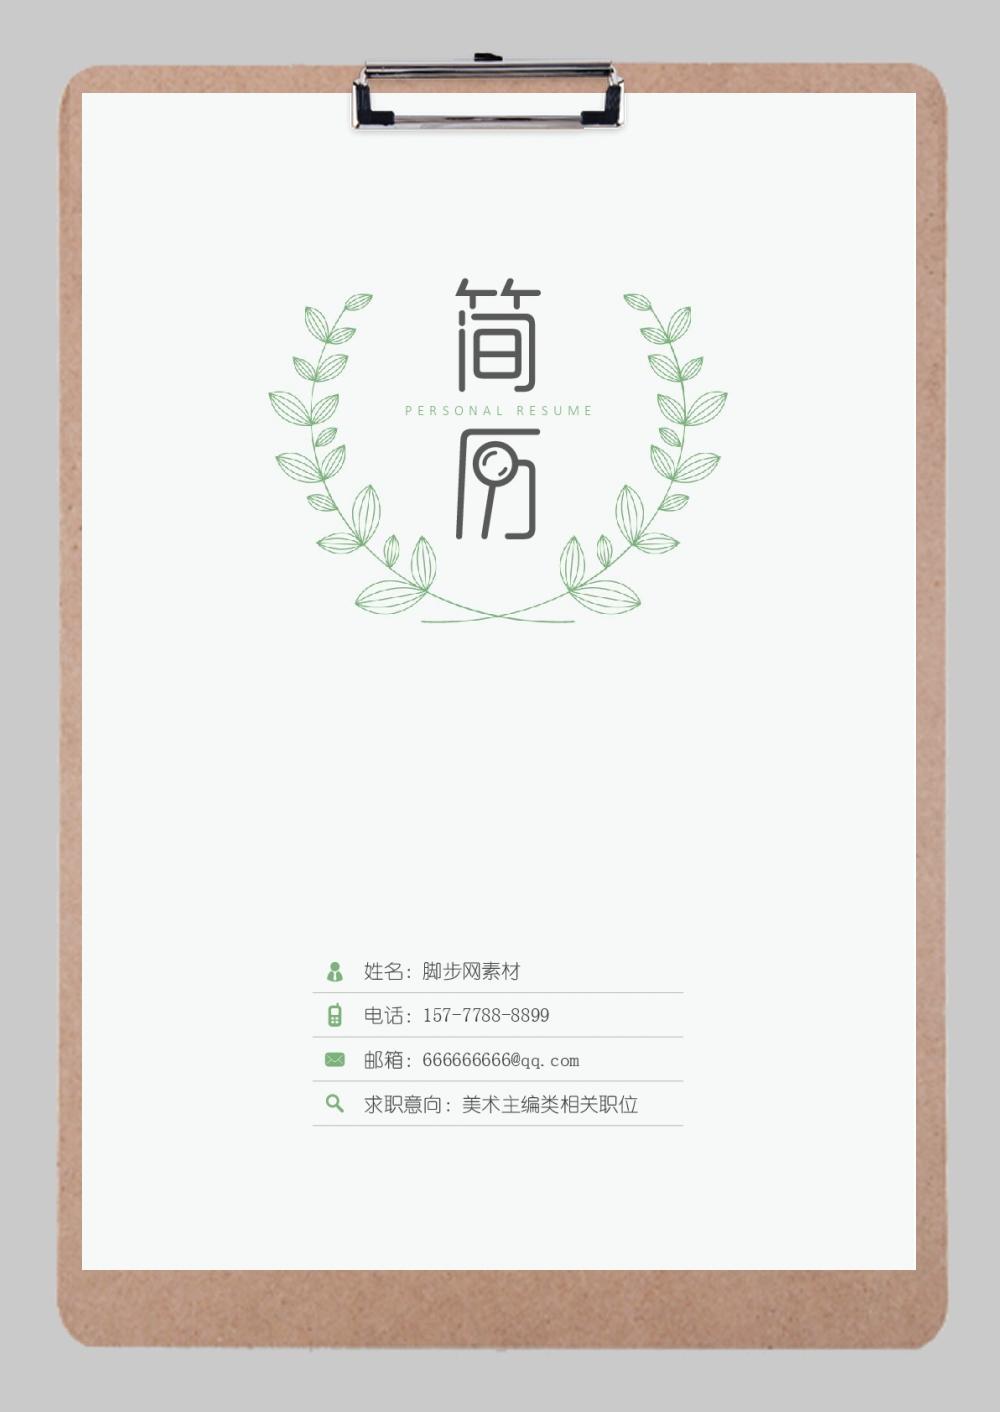 文艺类清新简历封面Word模板缩略图0